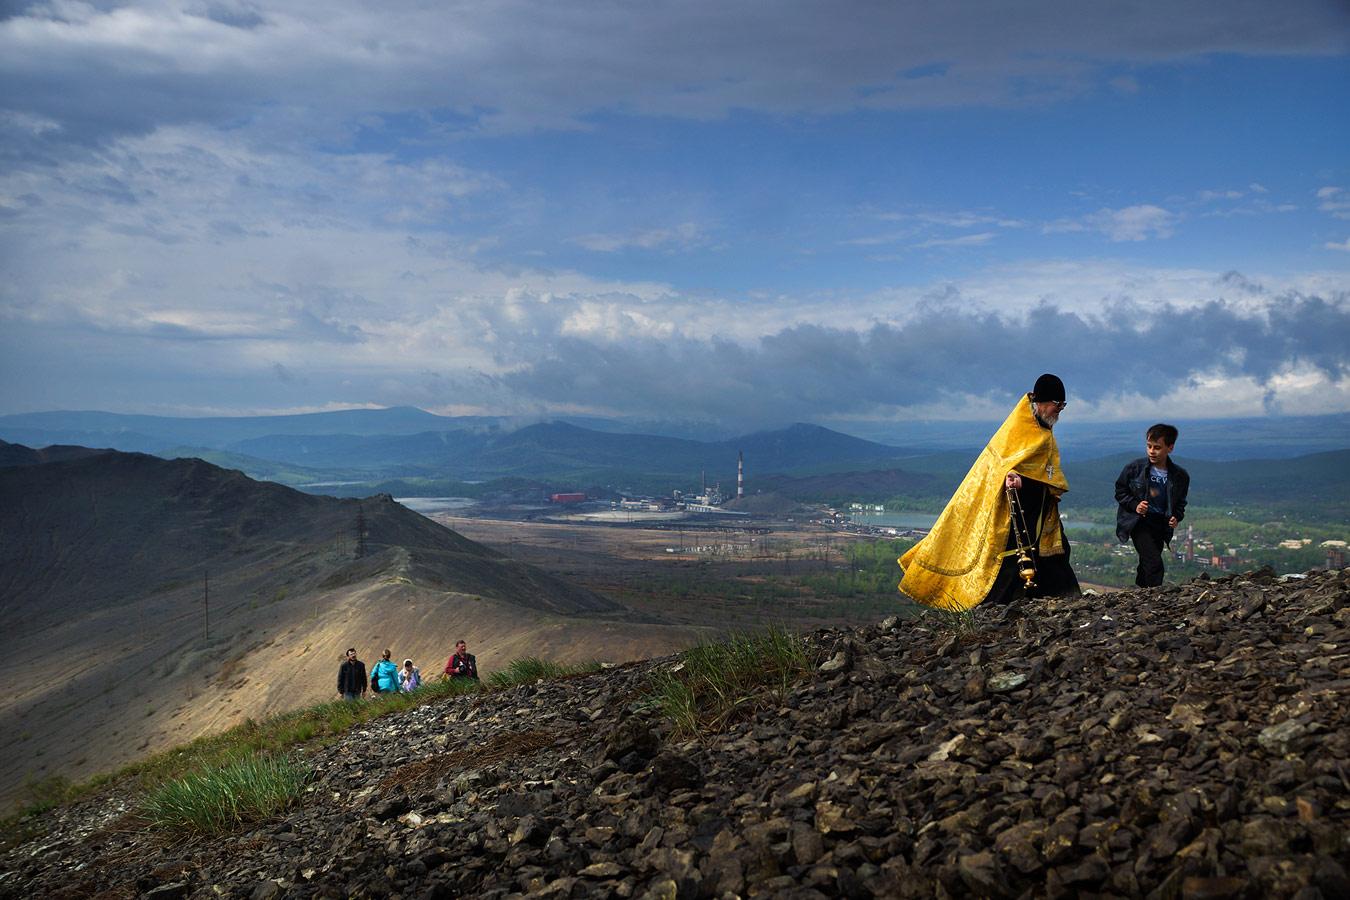 Крестный ход. Пастырь ведёт свой народ, Сергей Коляскин , Фотоконкурс «Святыня, которая рядом»